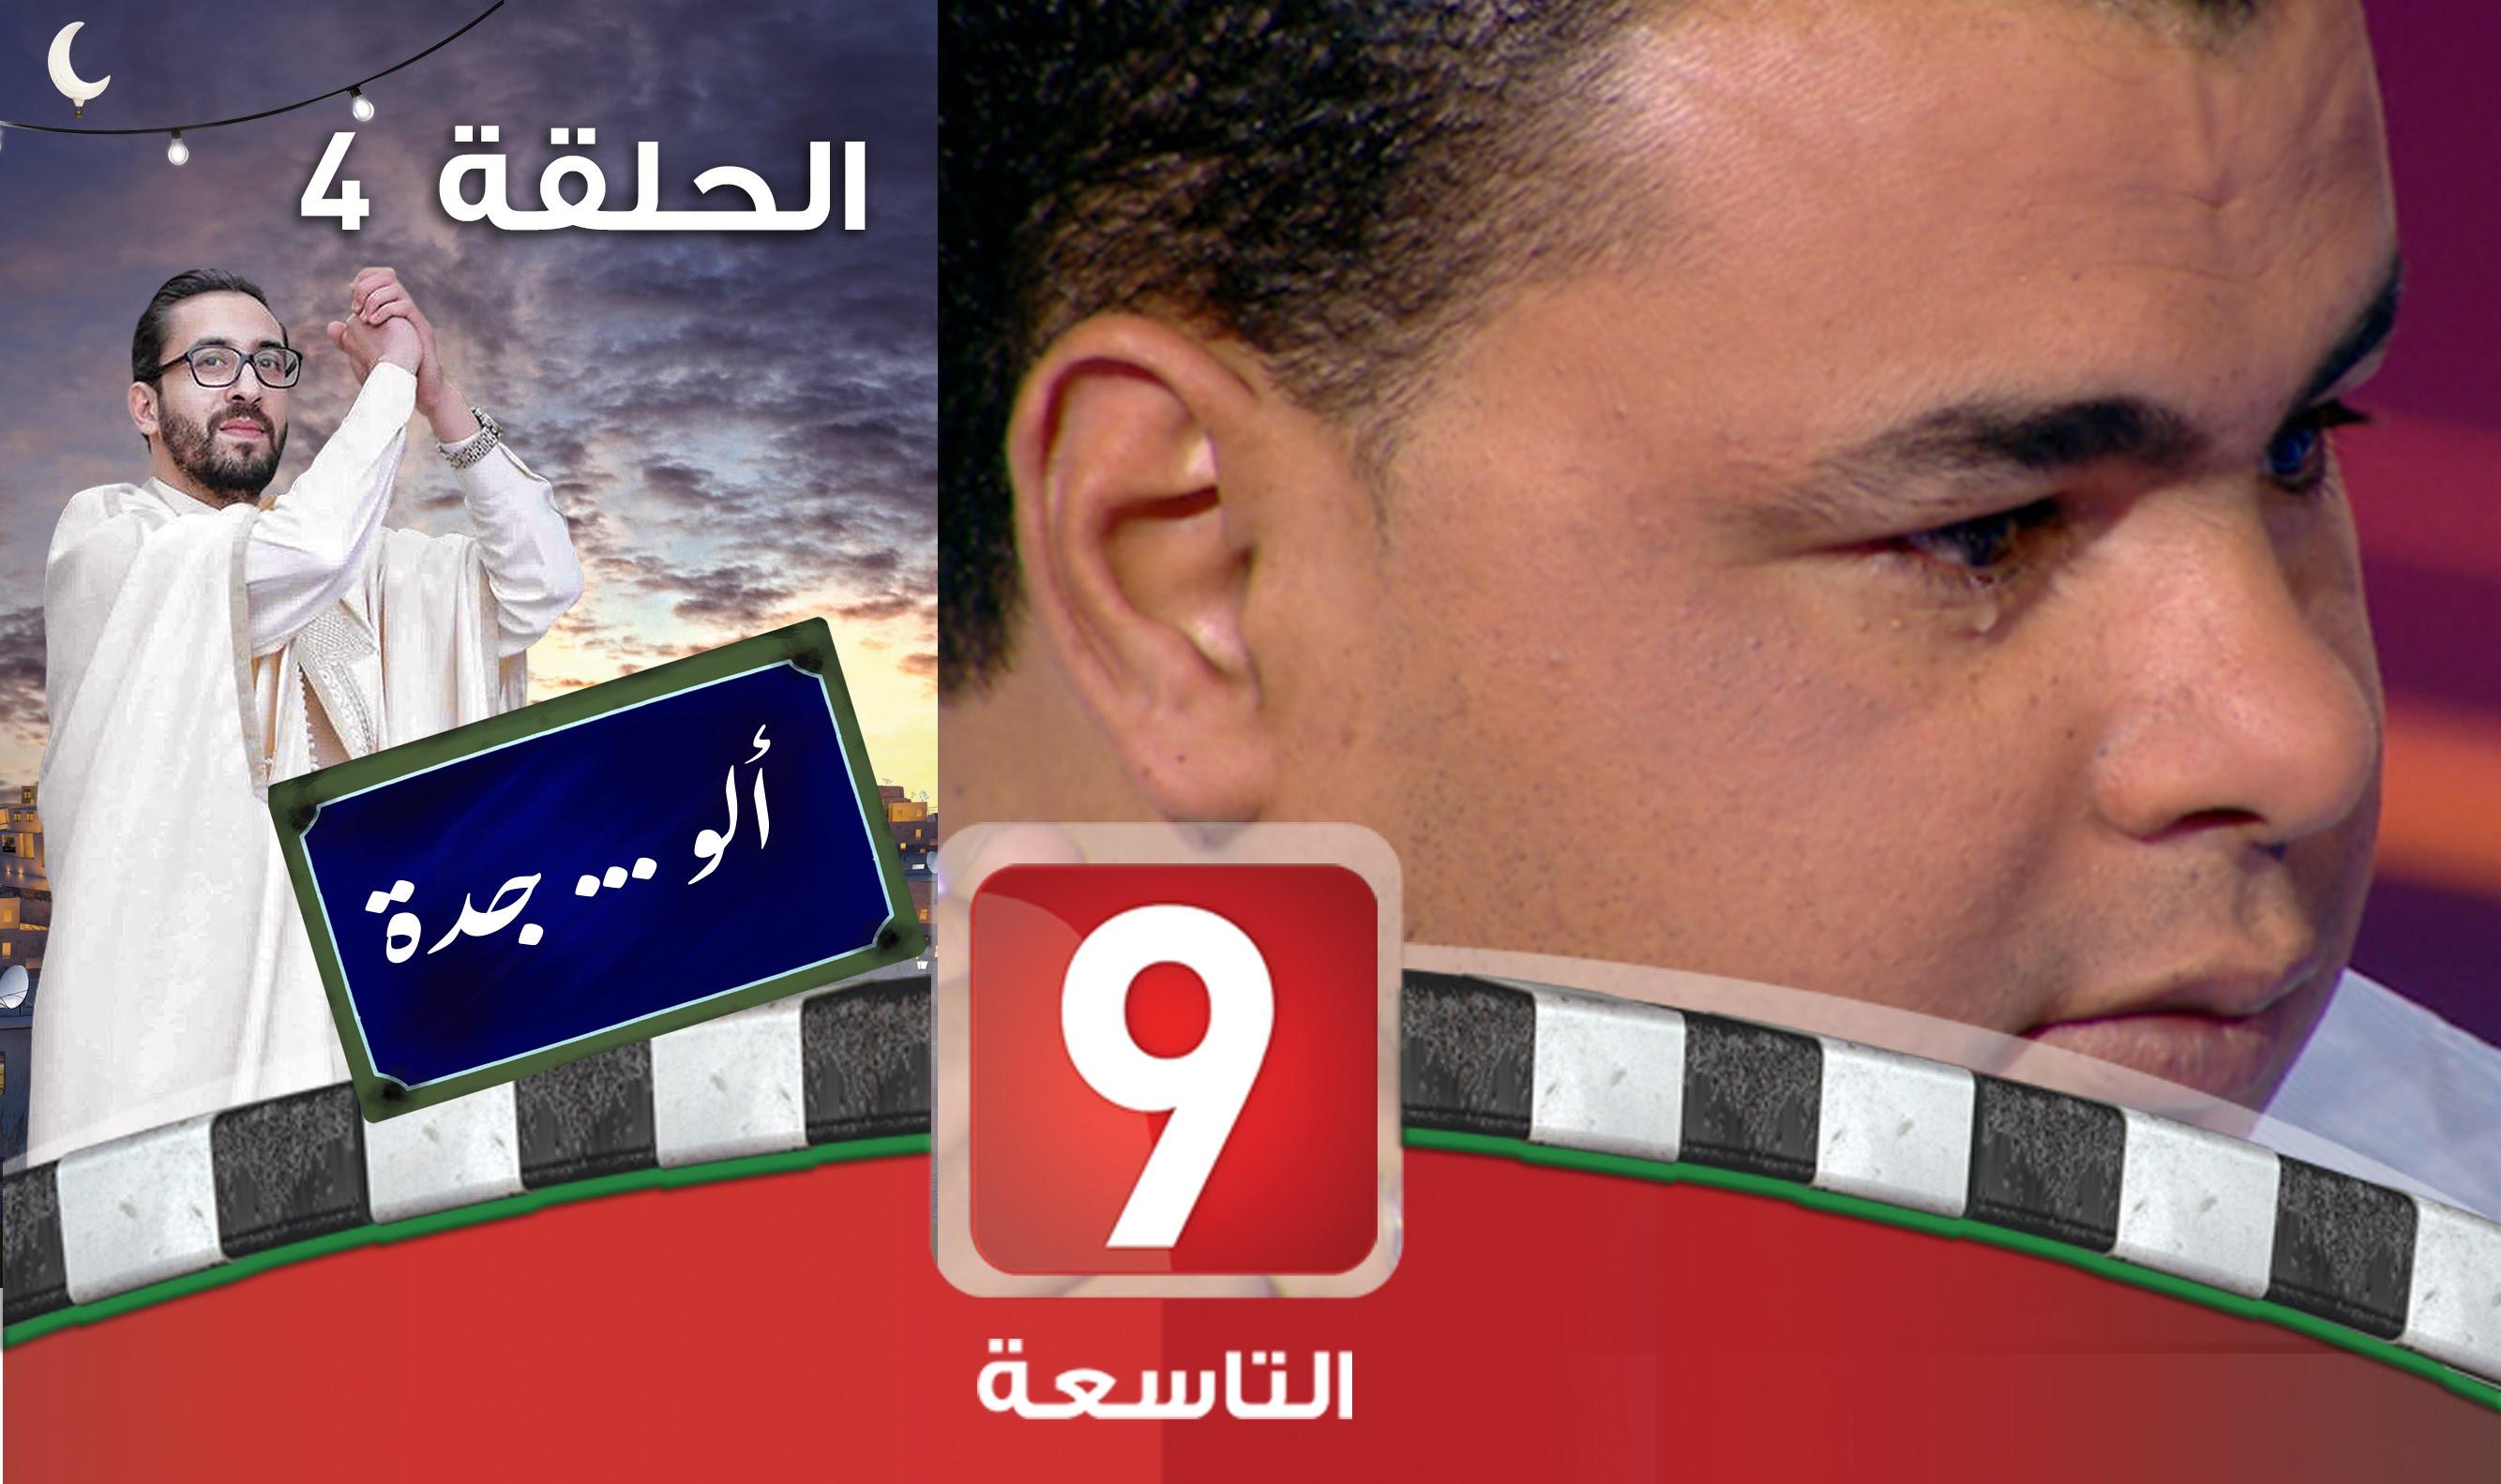 كاميرا خفية تونسية متألقة في شهر رمضان (بن علي الهارب)